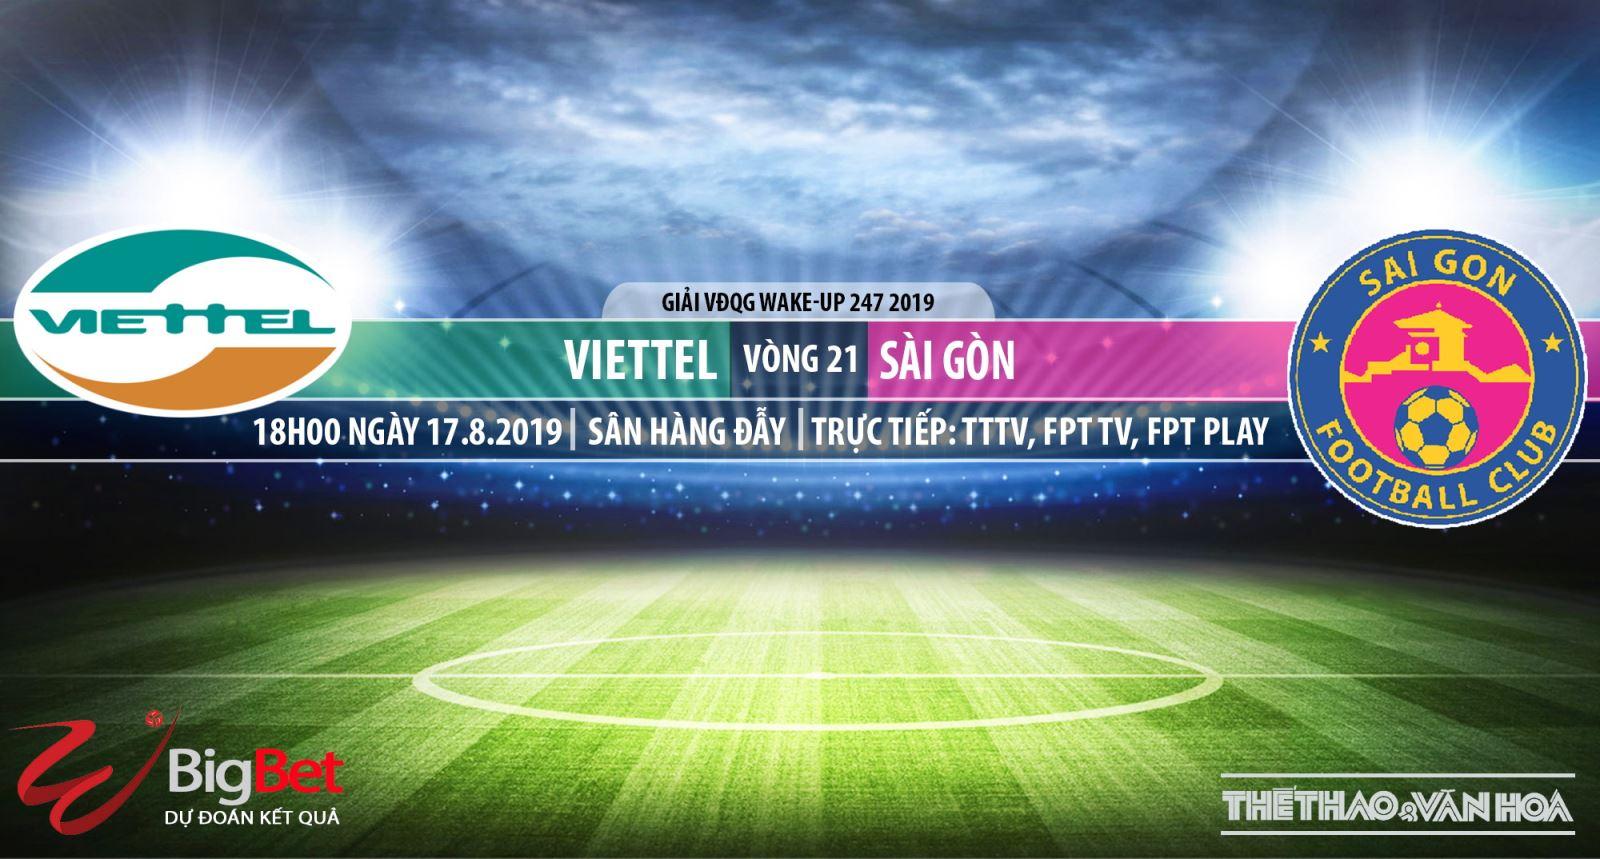 truc tiep bong da hôm nay,Viettel đấu với Sài Gòn, trực tiếp bóng đá, Viettel vs Sài Gòn, V League, Viettel, xem trực tuyến, VTV6, thể thao TV, TTTV, BĐTV, FPT Play